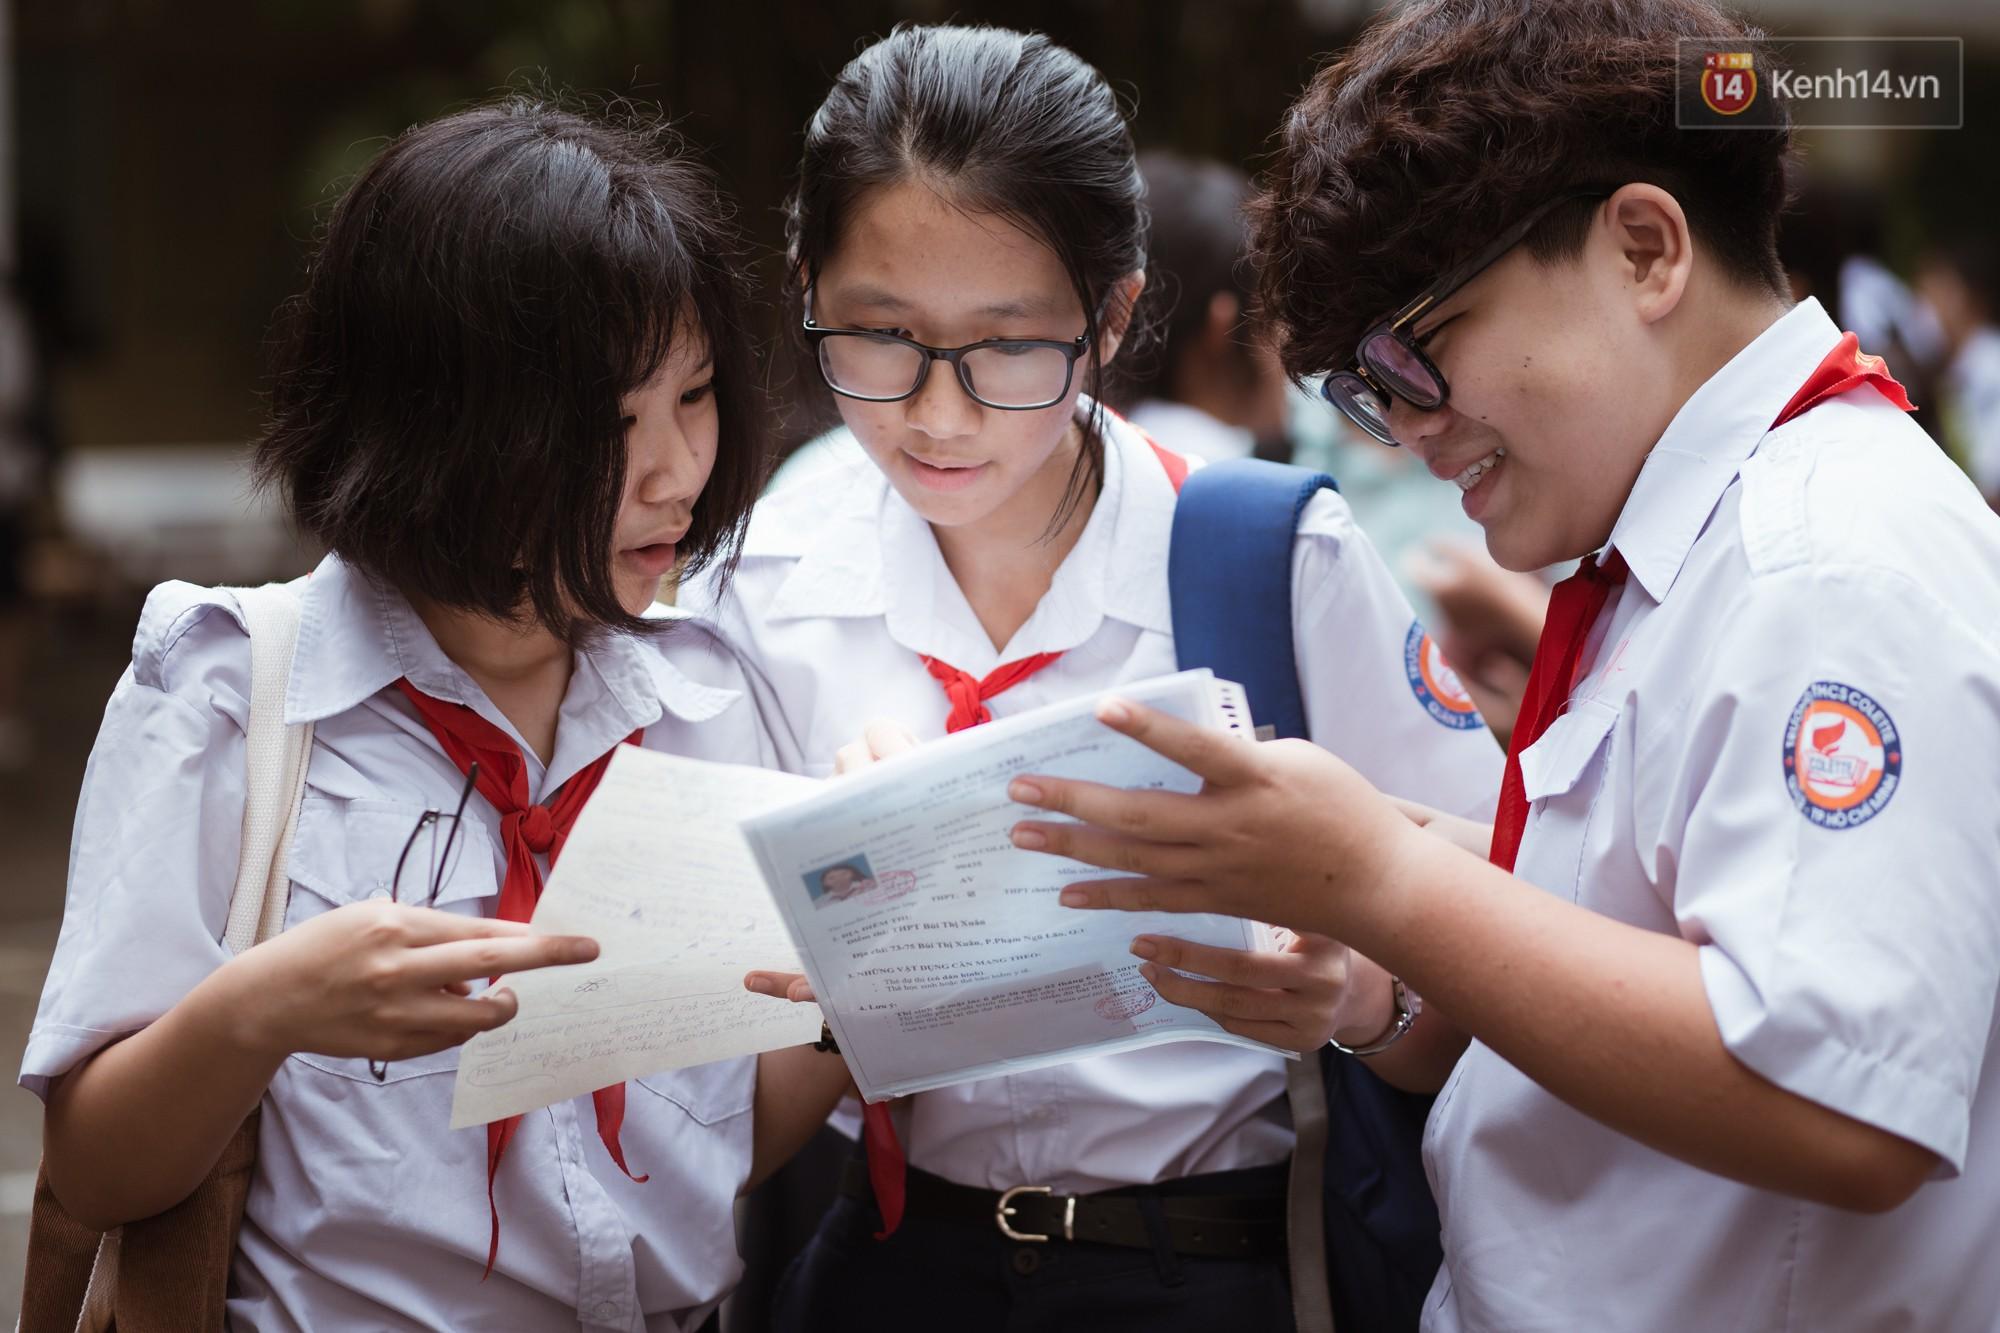 Cập nhật: Môn thi và lịch thi tuyển sinh vào lớp 10 của các tỉnh, thành năm học 2021-2022 - Ảnh 3.